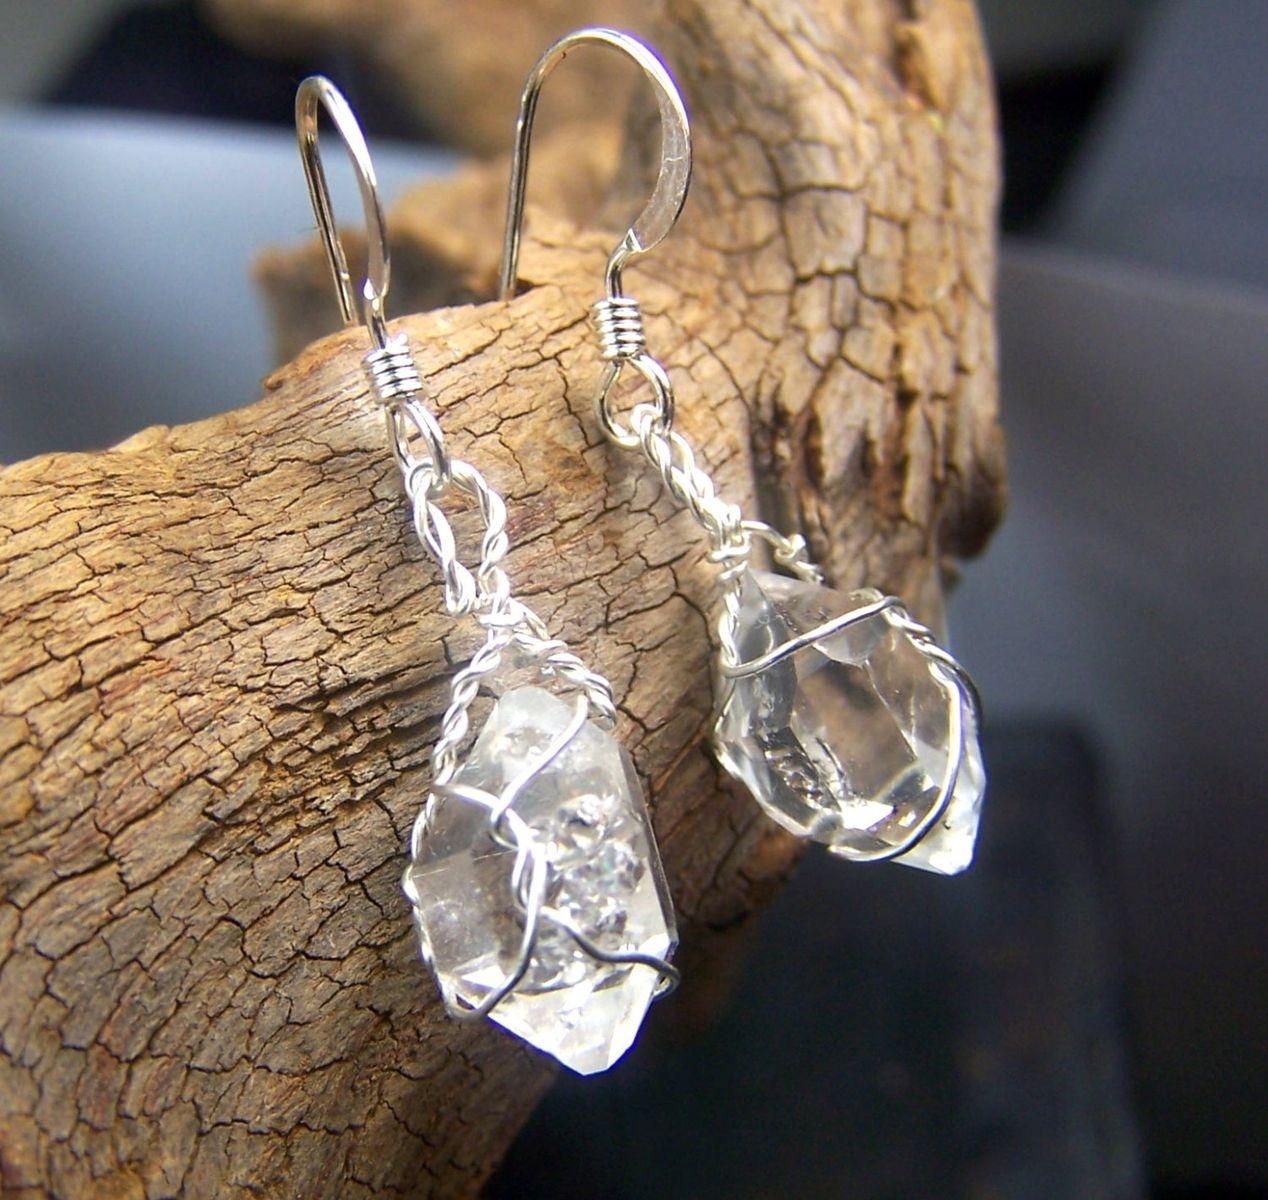 Custom Made Diamond Quartz Earrings Similar To Herkimer Diamonds Sterling Silver French Hook Ear